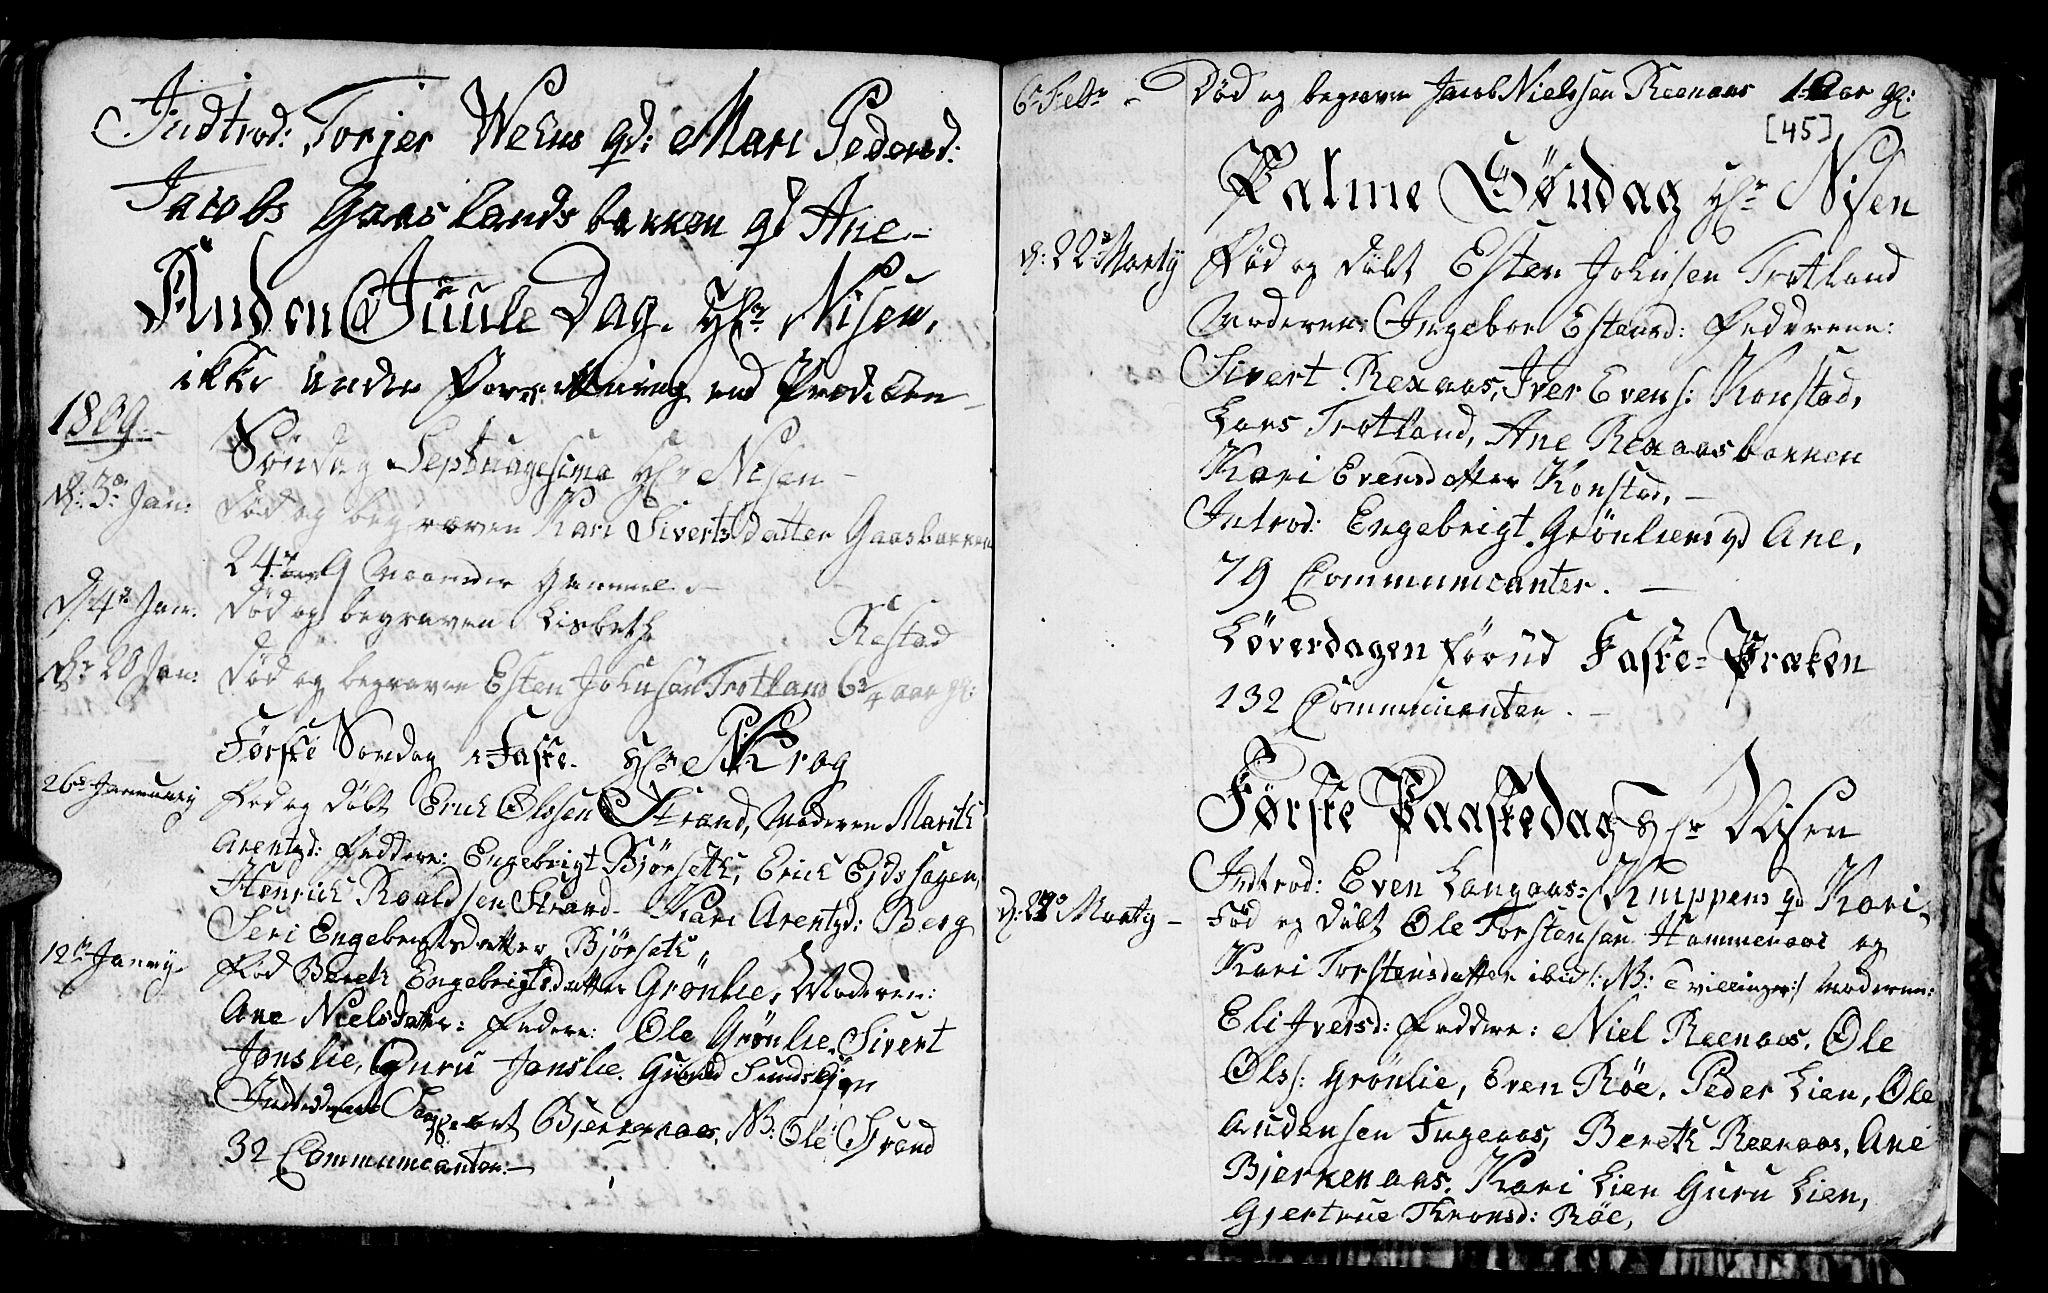 SAT, Ministerialprotokoller, klokkerbøker og fødselsregistre - Sør-Trøndelag, 694/L1129: Klokkerbok nr. 694C01, 1793-1815, s. 45